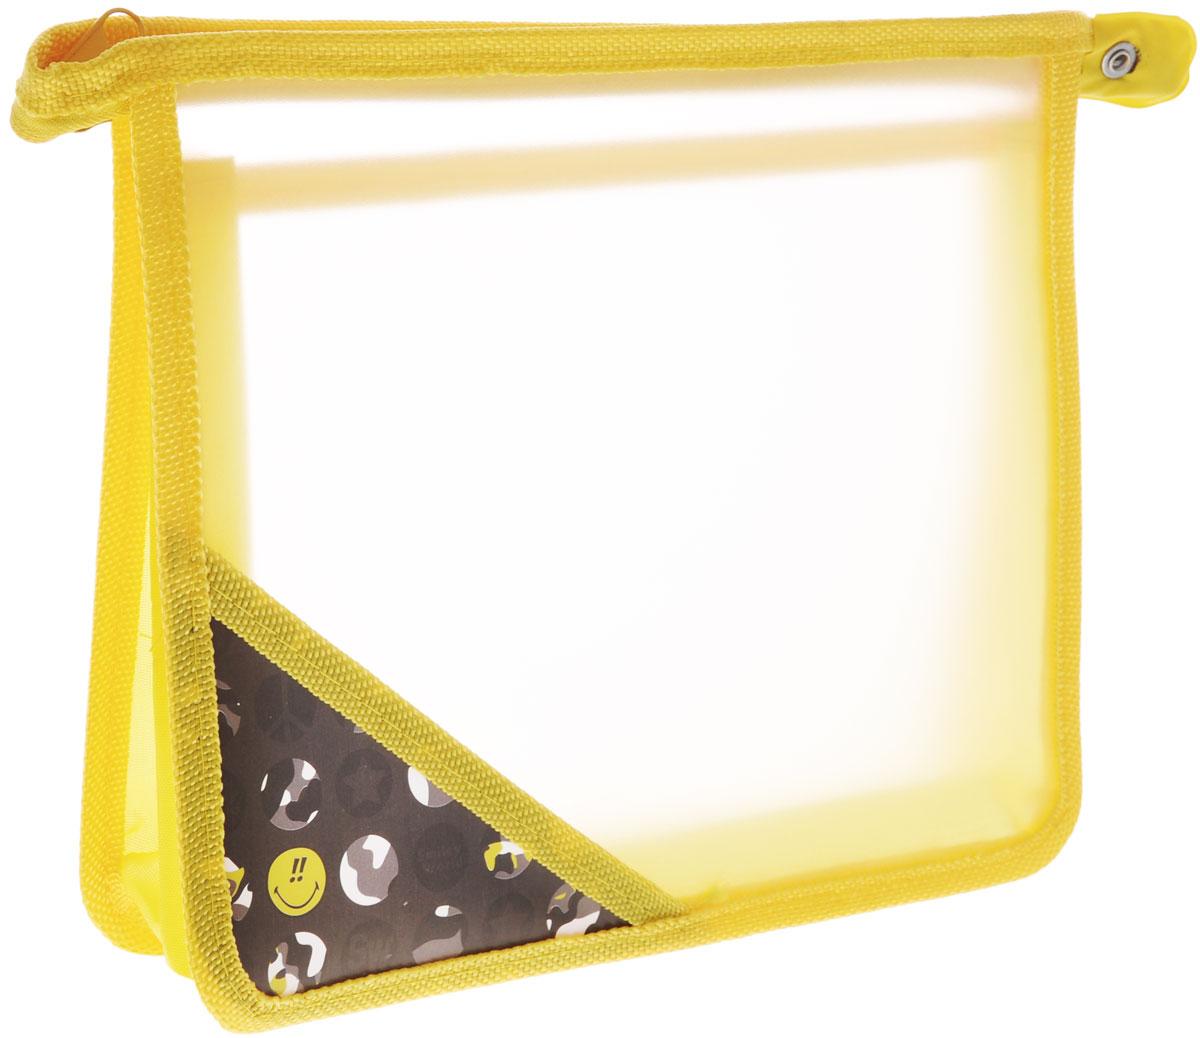 Proff Папка для тетрадей Smiley, цвет: желтый, формат А5SM15-P3Папка для тетрадей Proff Smiley поможет не растерять школьнику свои тетради, рисунки и прочие бумаги. Выполнена из прочного пластика и разделена на два отдела полупрозрачной перегородкой. Папка закрывается на застежку-молнию. На углу лицевой стороны нанесено изображение смайлика. Края папки окантованы мягкой текстильной тесьмой.